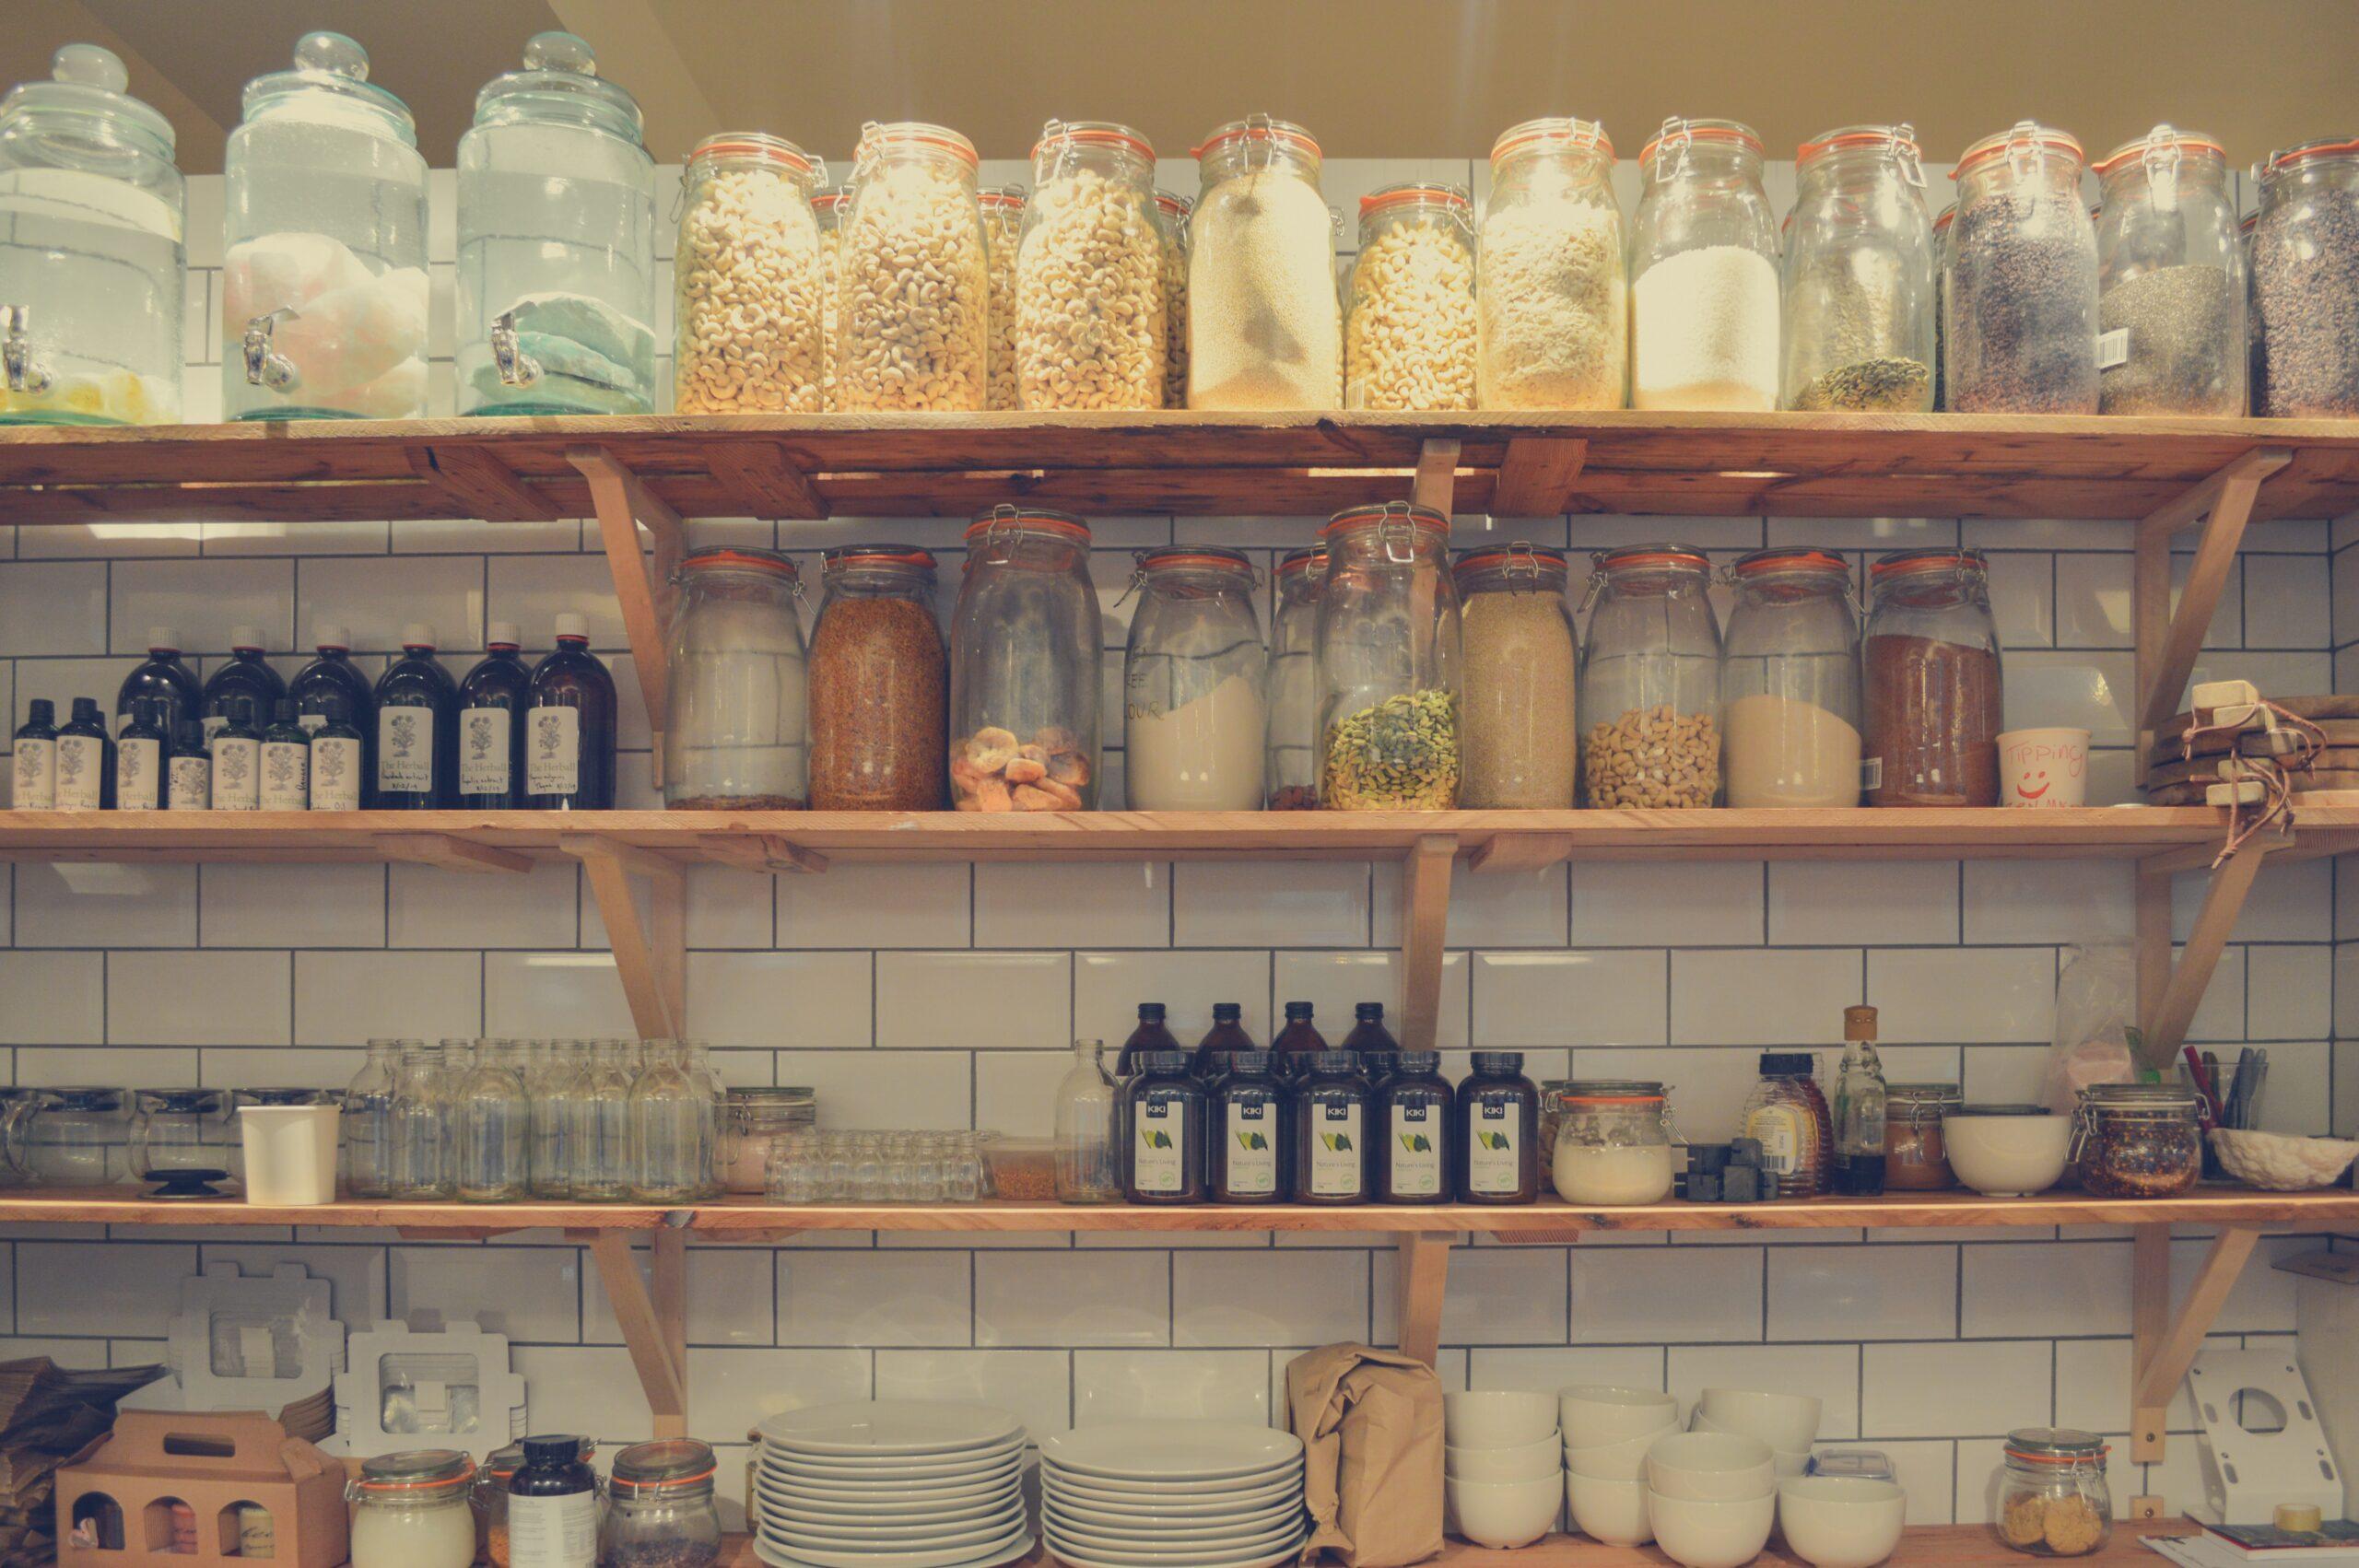 jars on a shelf